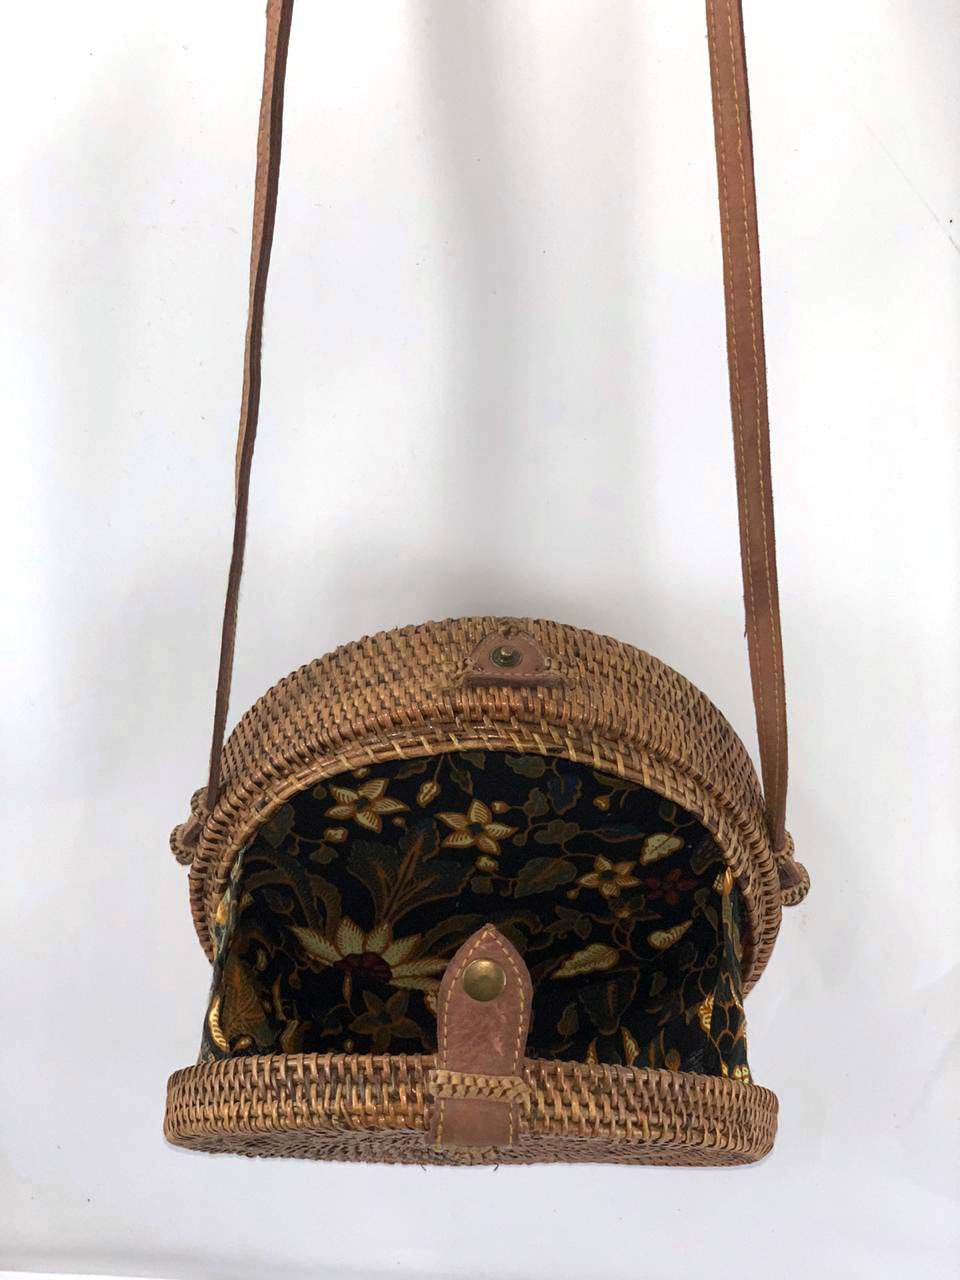 Bolsa Circular com Trançado Tradicional em Rattan e Interior em Tecido Escuro ( Alça 60cm - Bolsa 20cm )